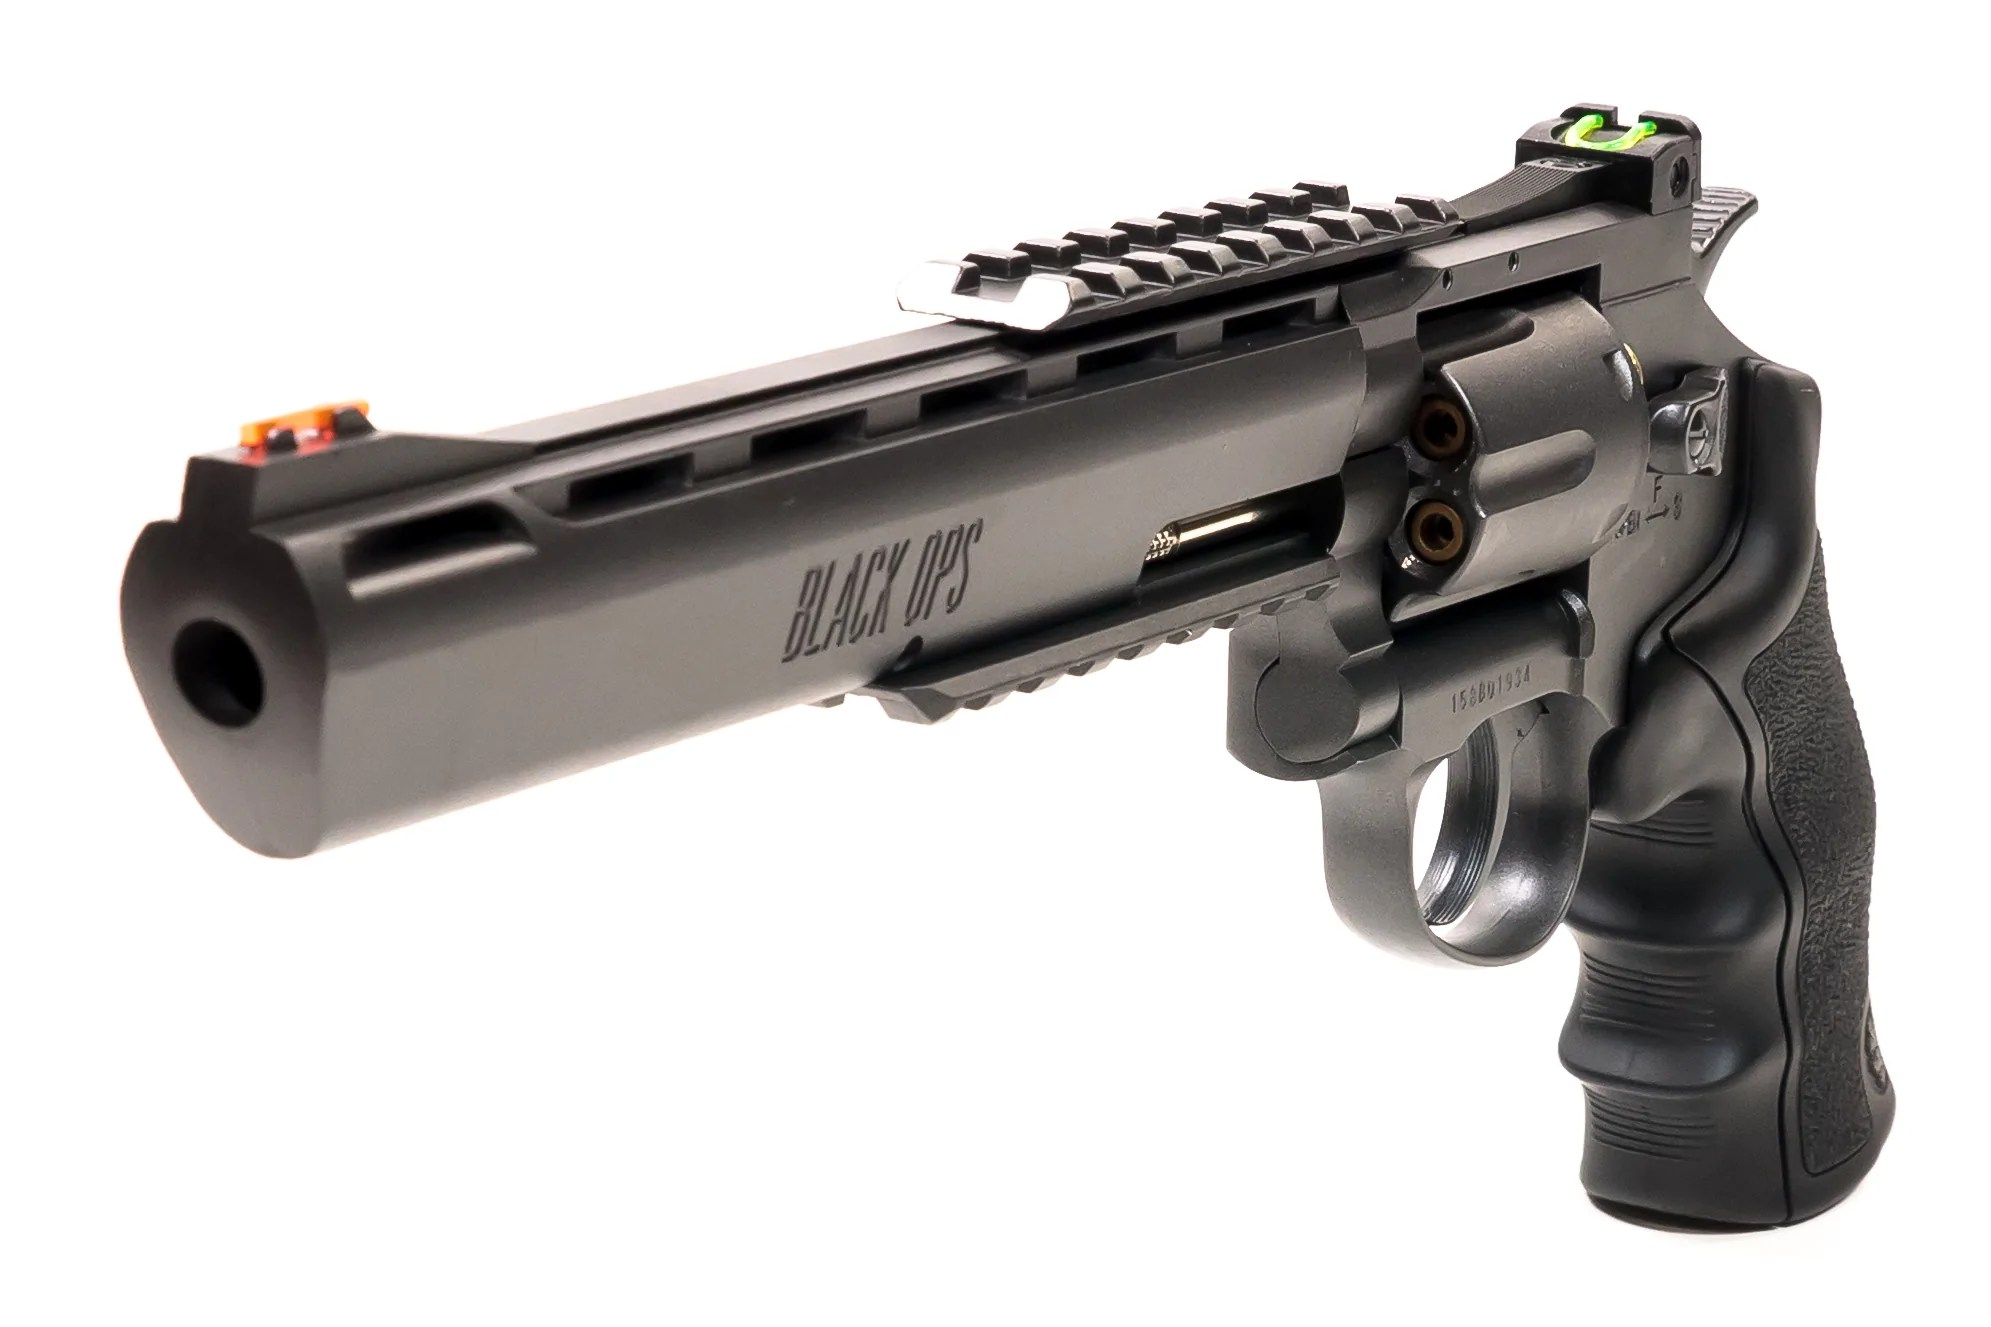 medium resolution of black ops exterminator 8 inch revolver gun metal finish full metal co2 bb pistol shoot 177 bbs pellet cartridges available